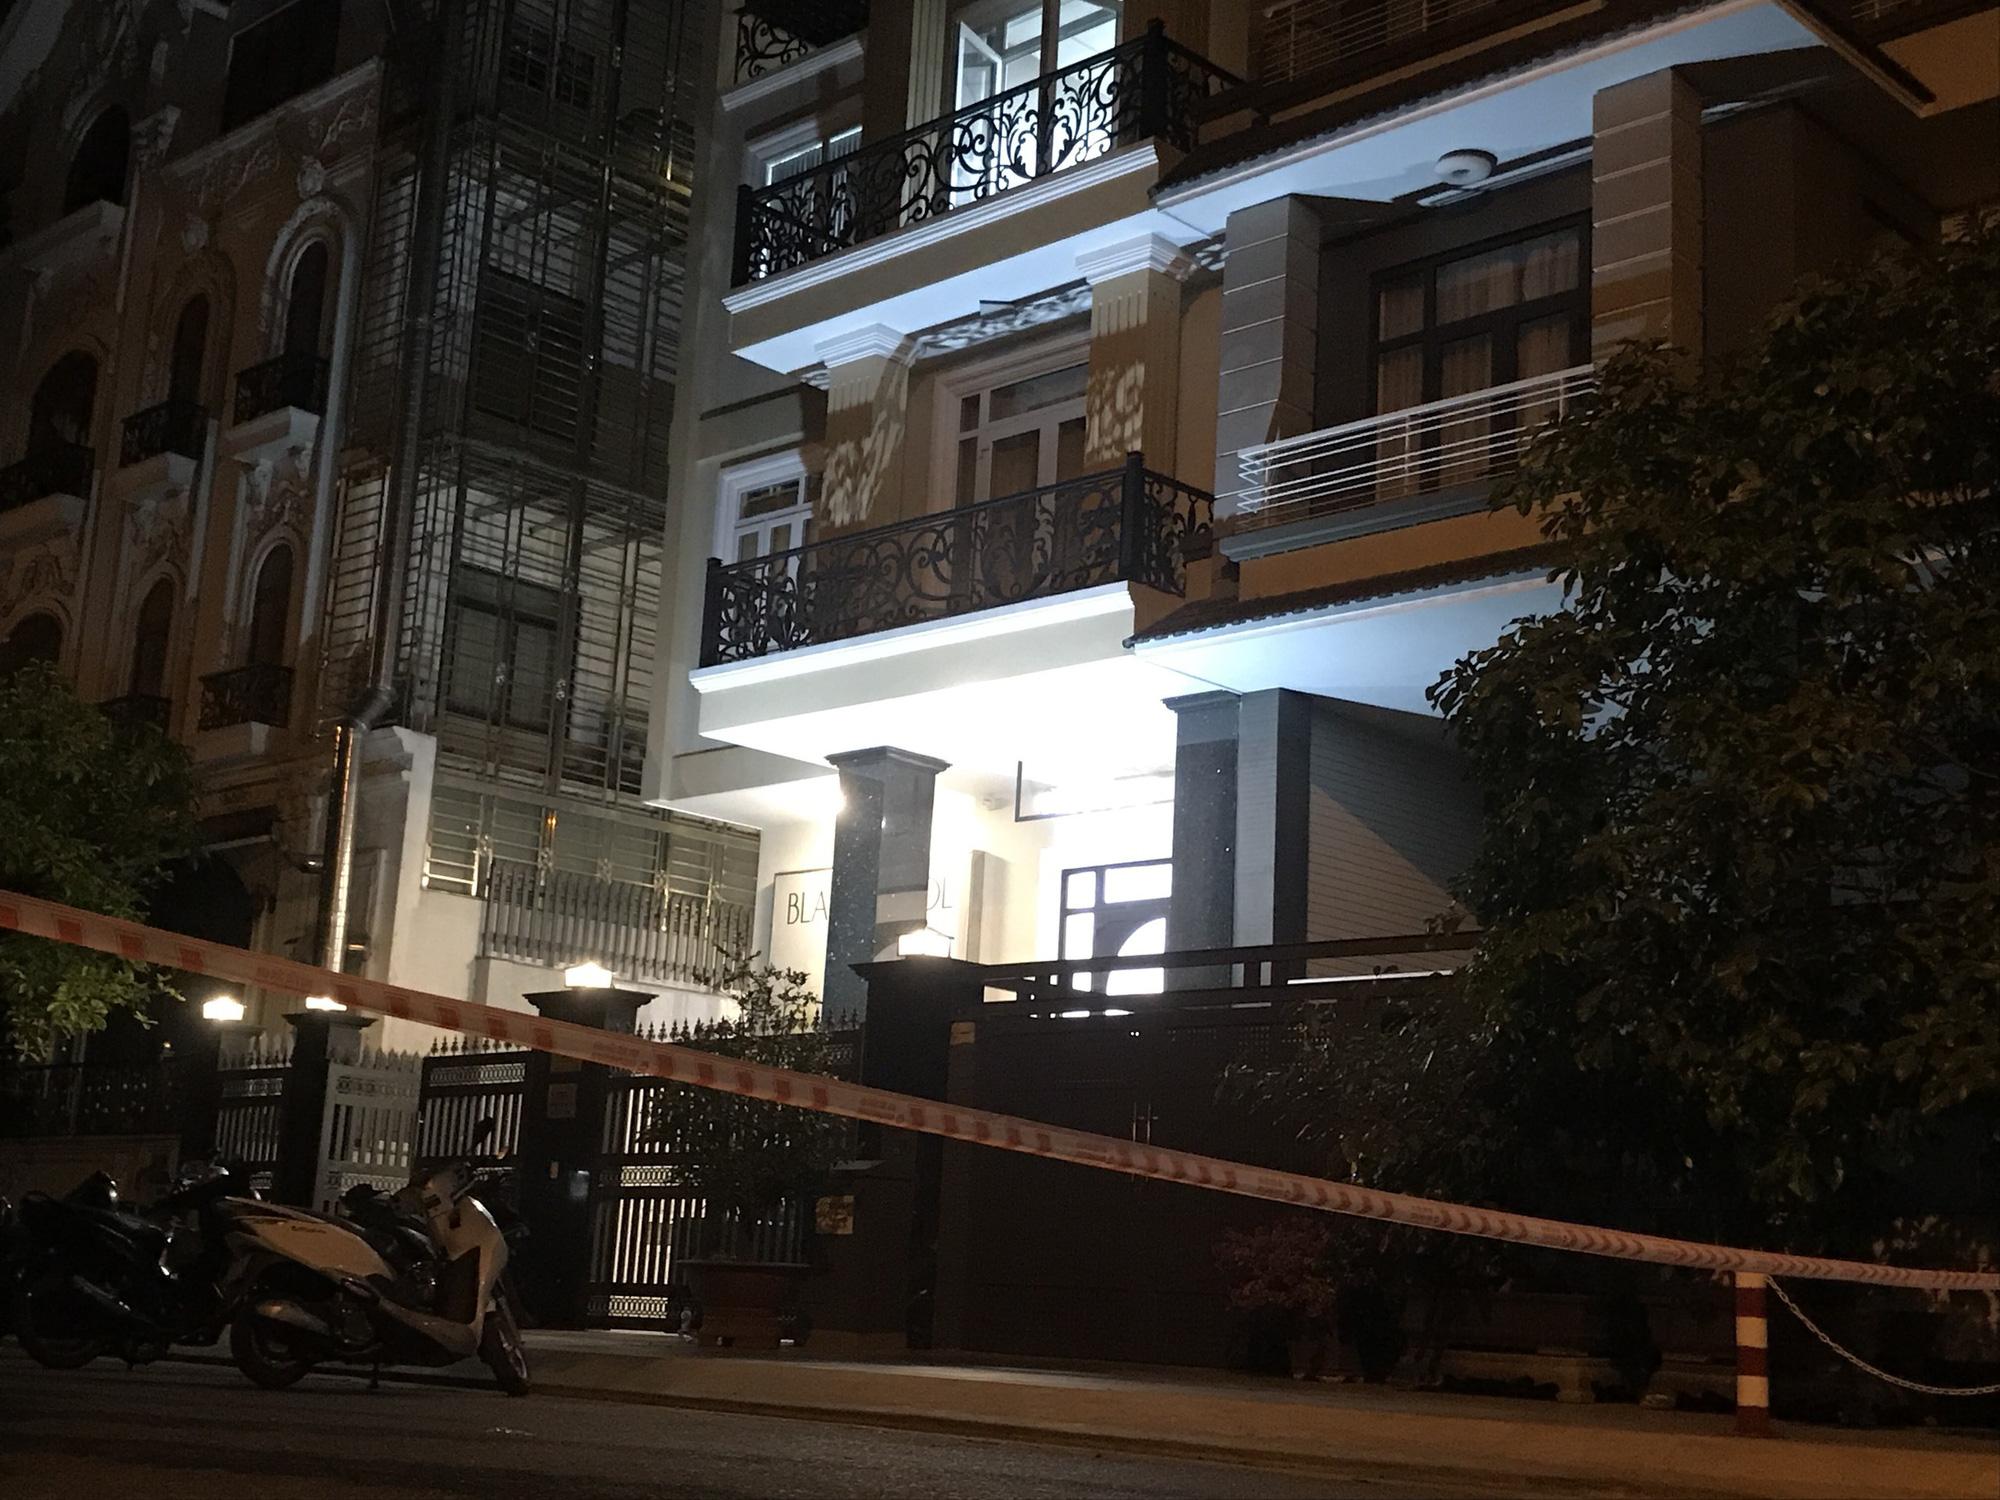 ẢNH-CLIP: Cảnh sát phong tỏa nơi phát hiện thi thể người trong vali - Ảnh 2.